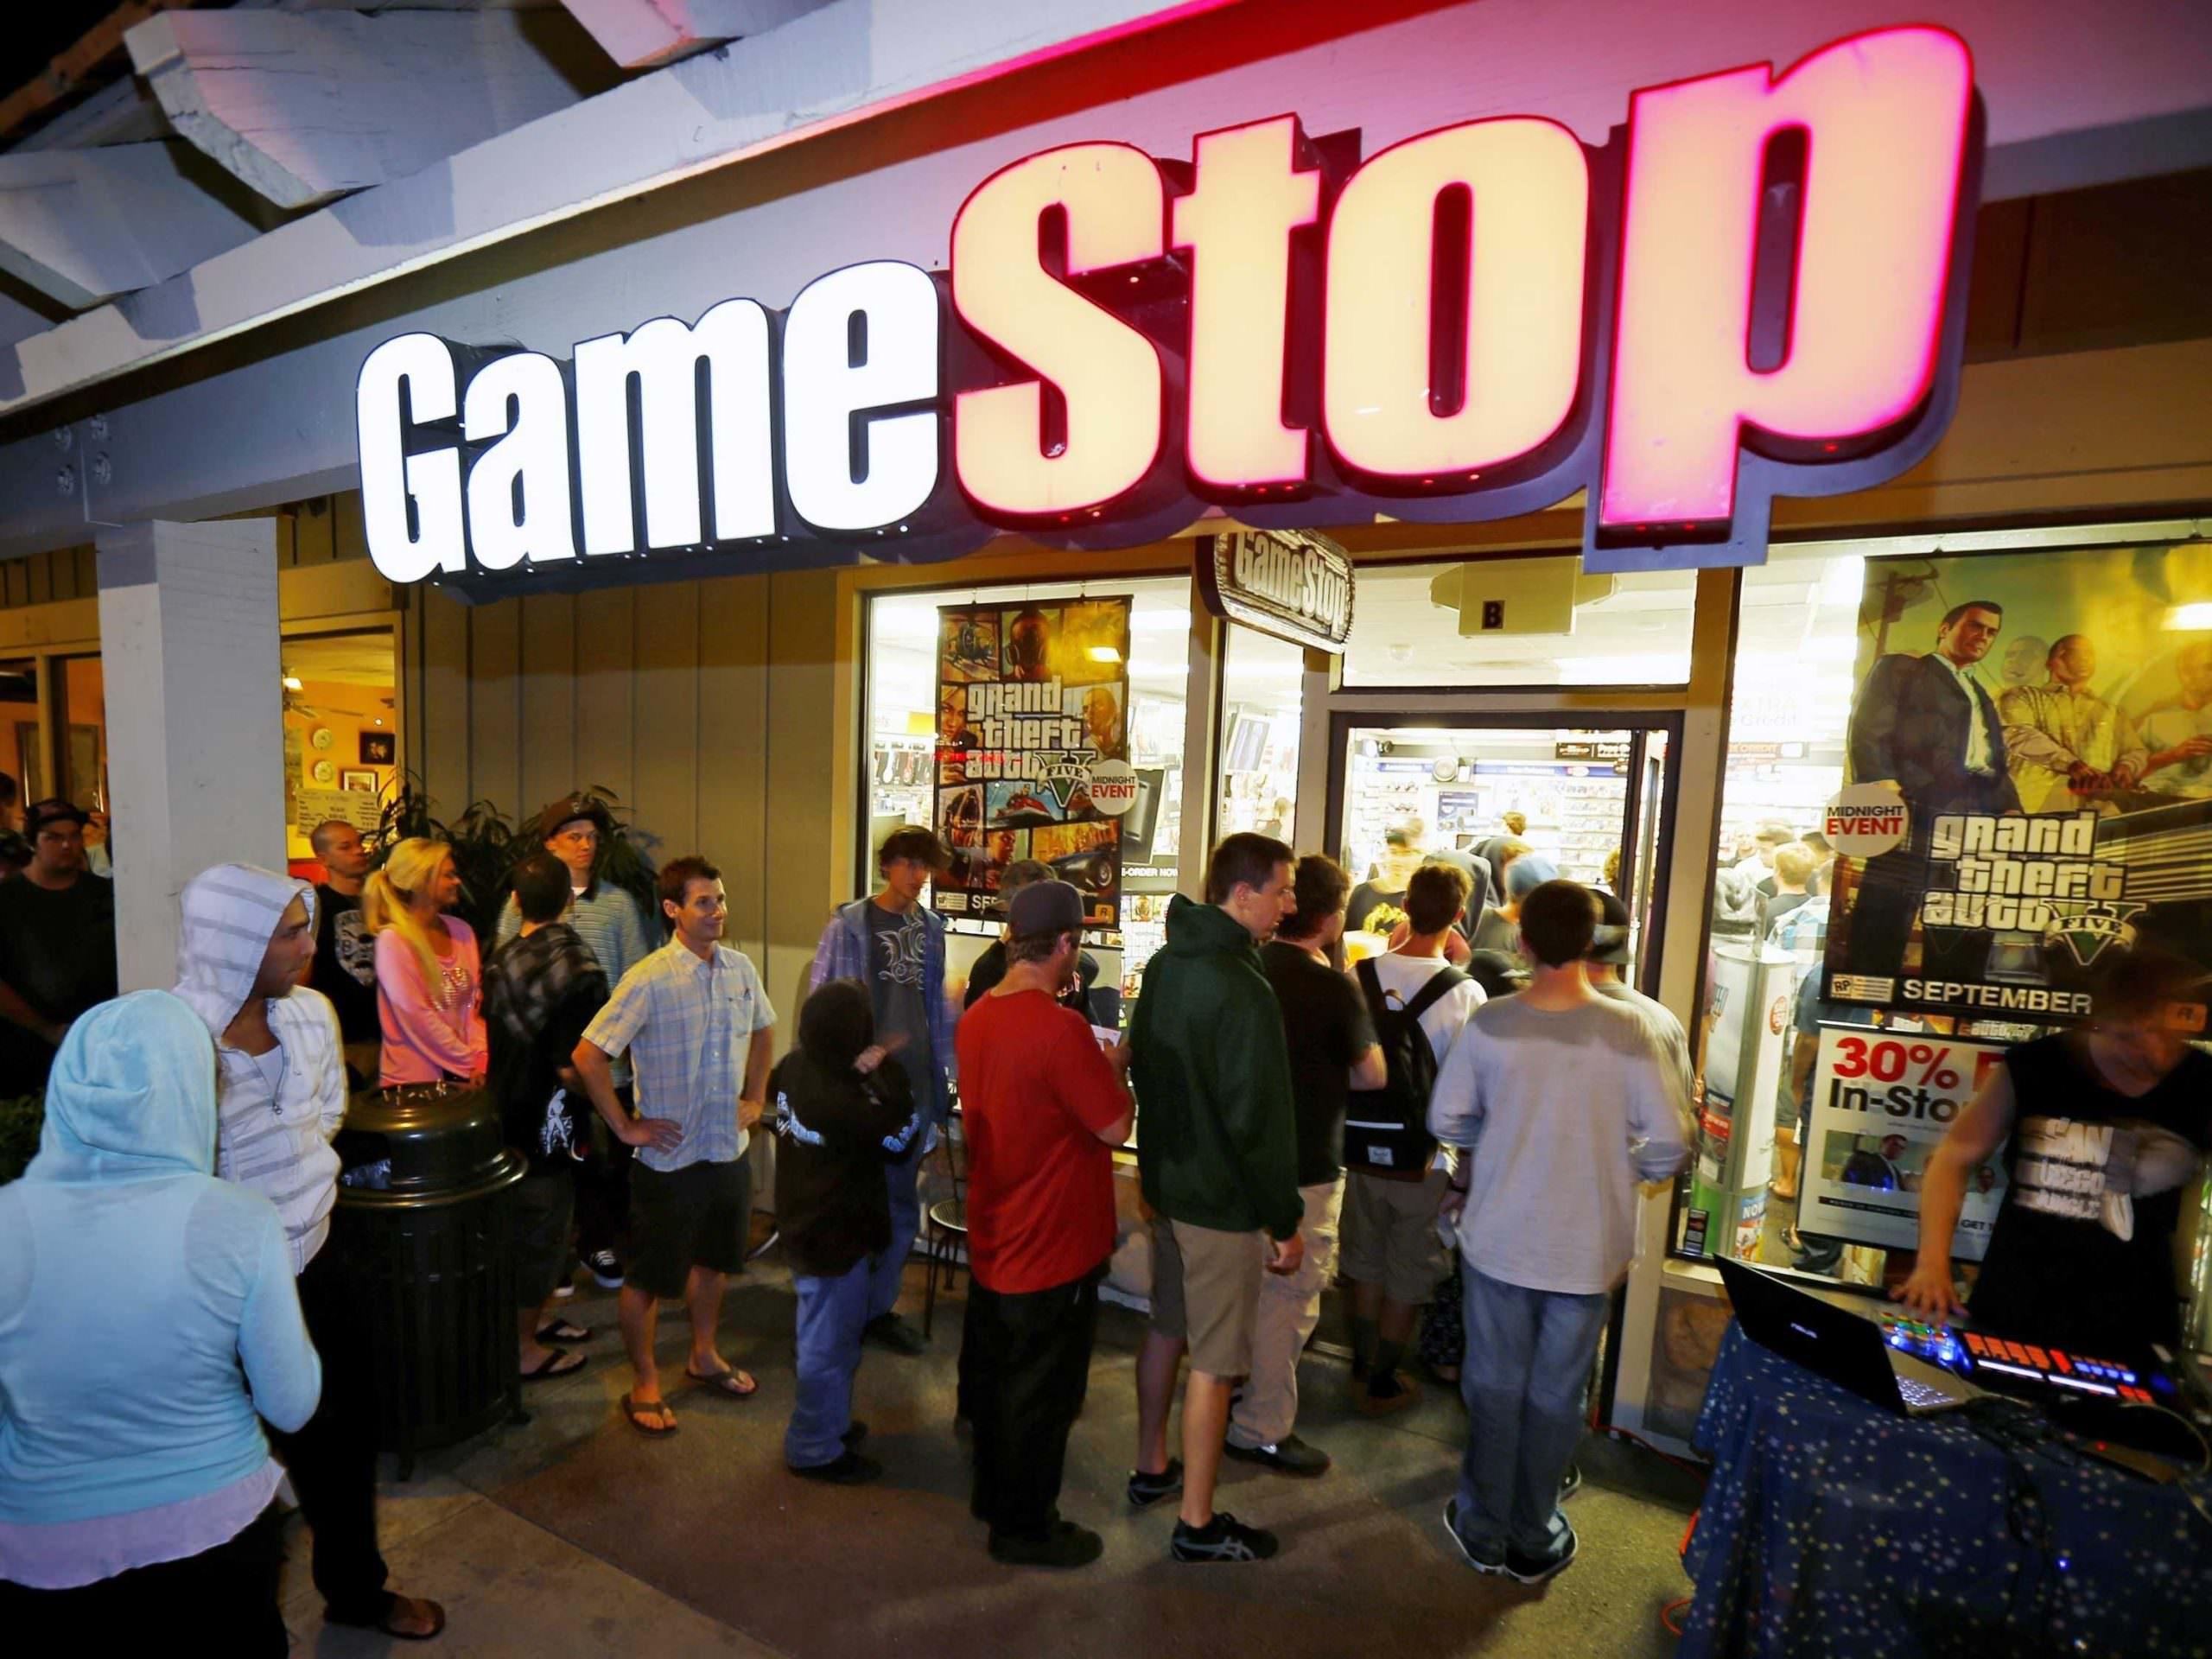 Em busca do próximo GameStop, além de um bate-papo exclusivo com o extraordinário vendedor de curtas Carson Block